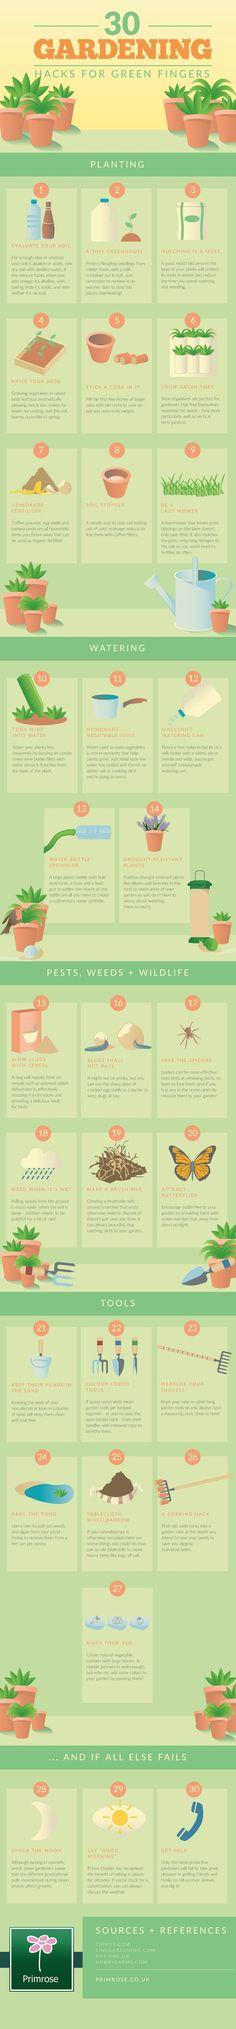 Vegetable Gardening Tips to Make Anyone An Expert Gardener - Dory Fitz